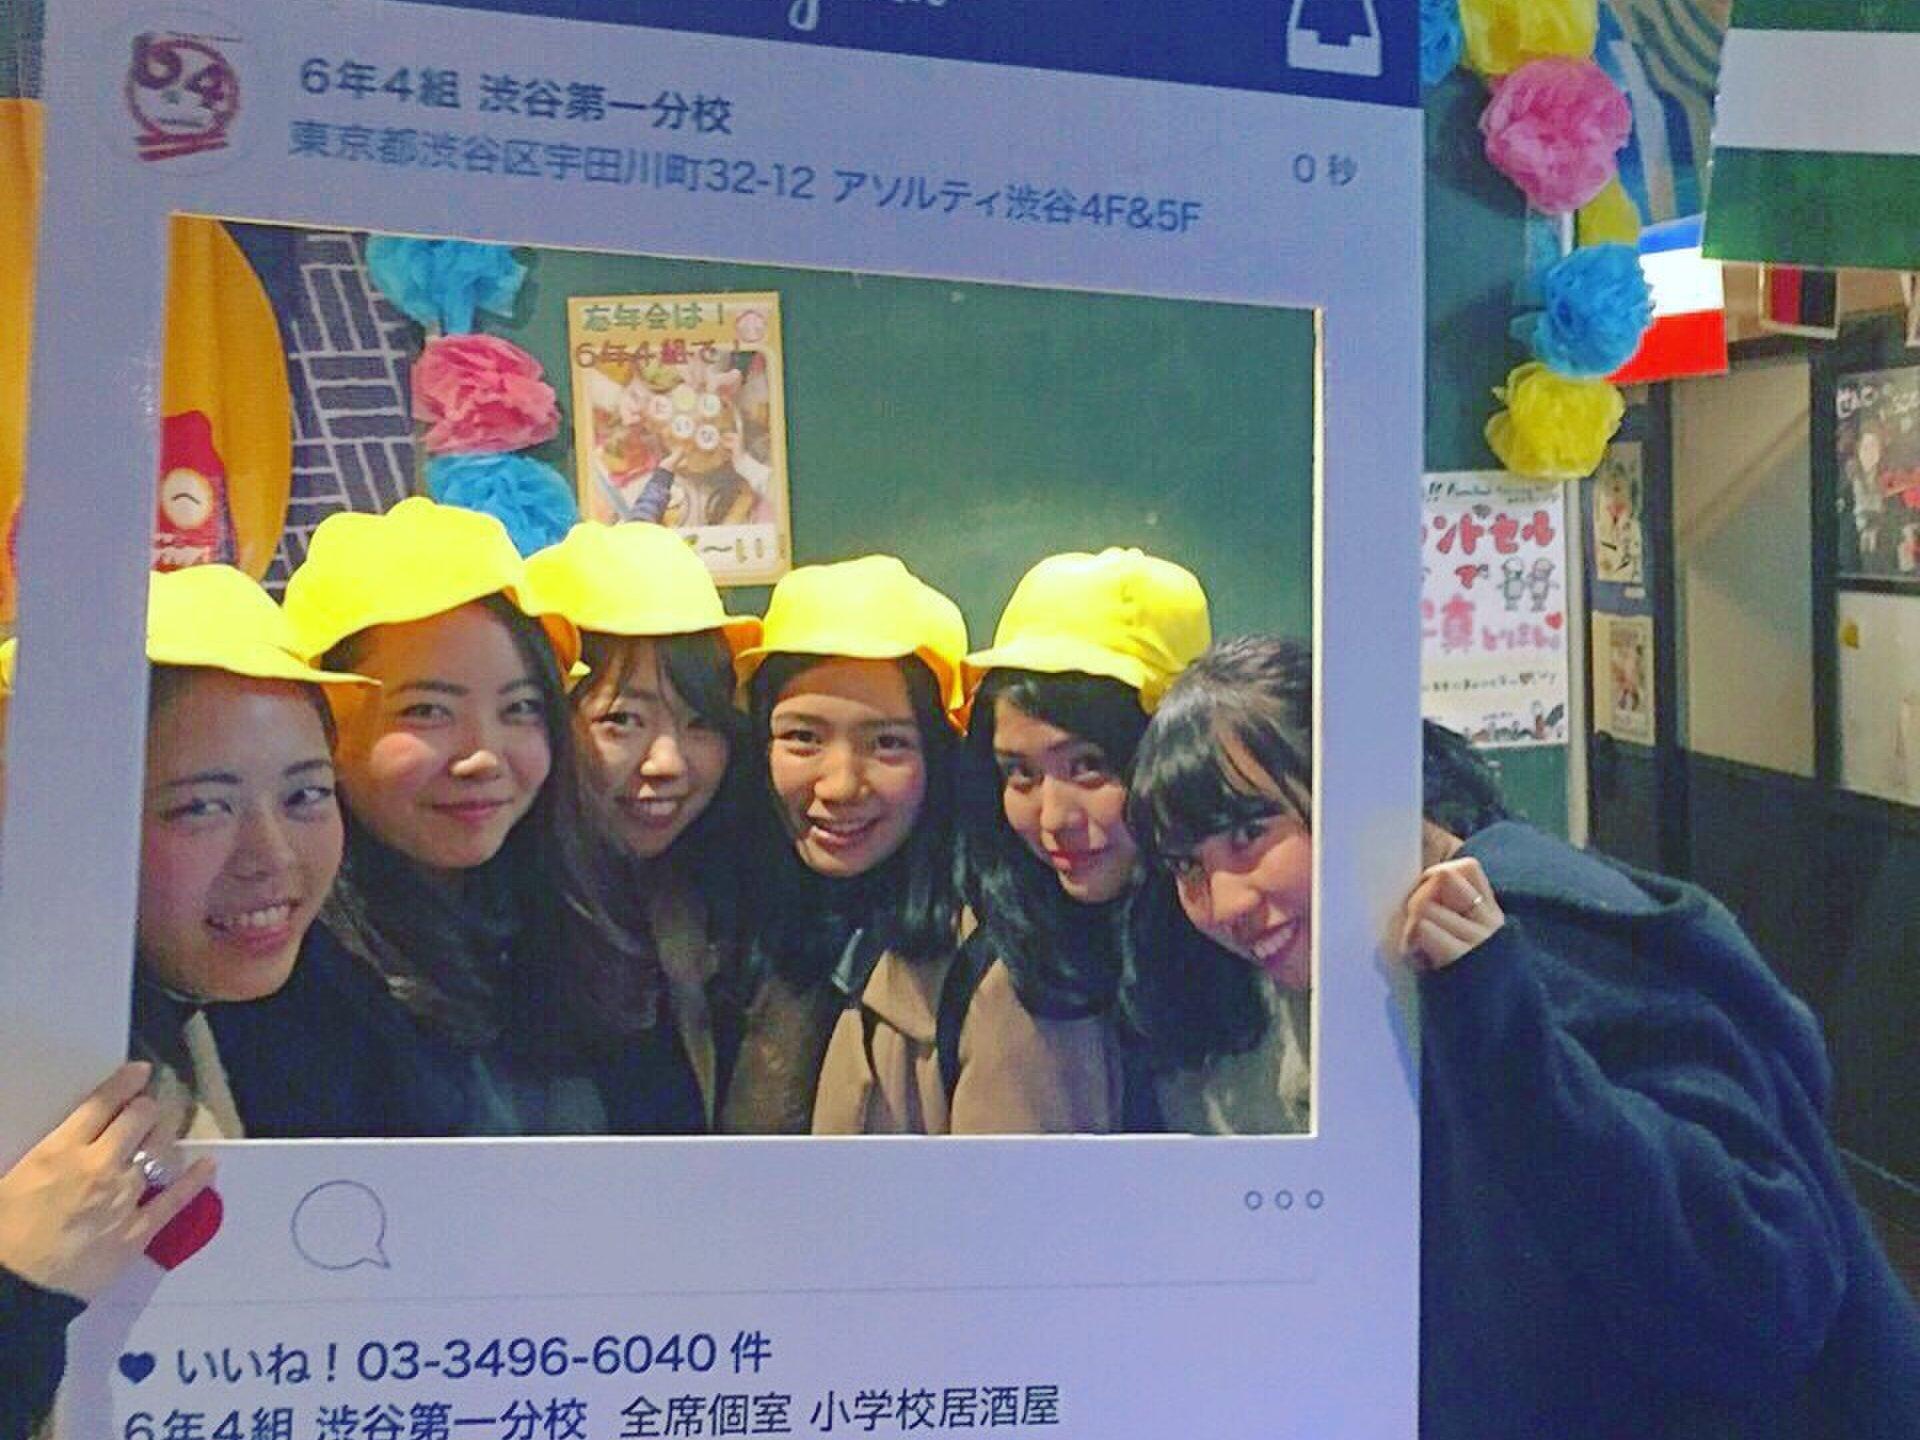 【東京都内】忍者・ペンギン・学校…!?変わったコンセプトが面白い居酒屋・バー7つ